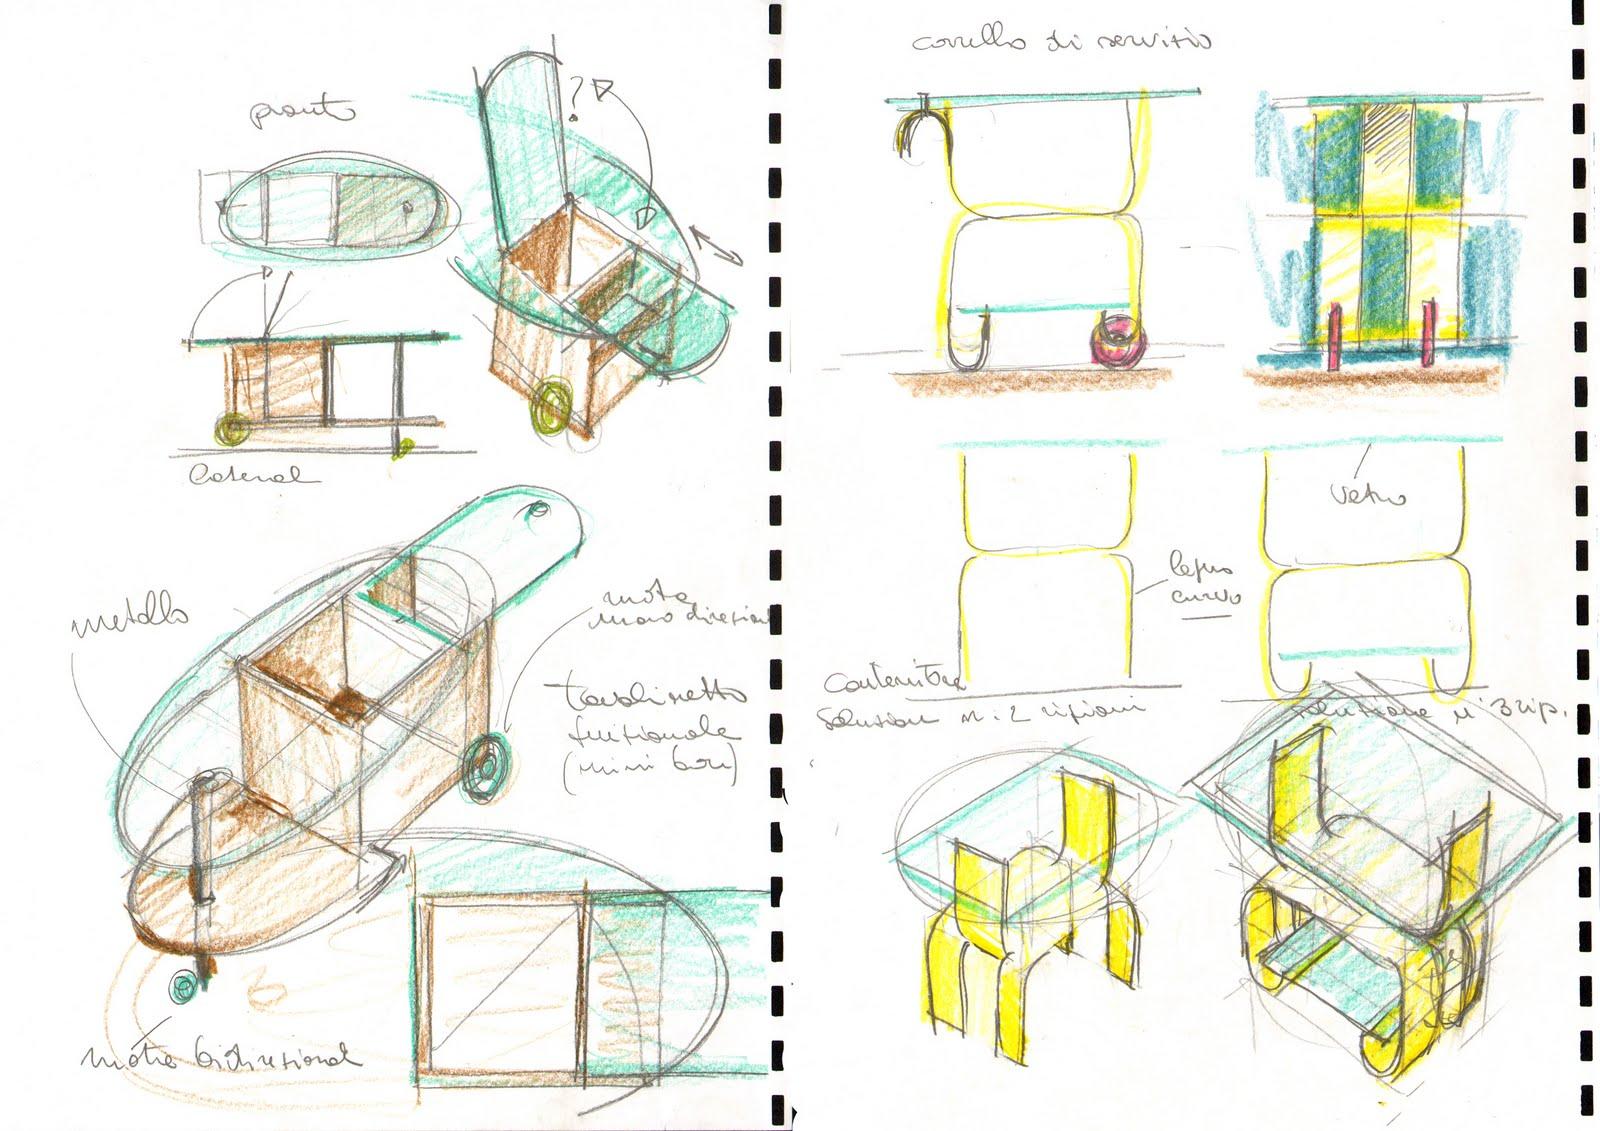 Design Scala disegno : Ventanni di disegni dellArch. Antonio Saporito: Disegni di sedie e ...